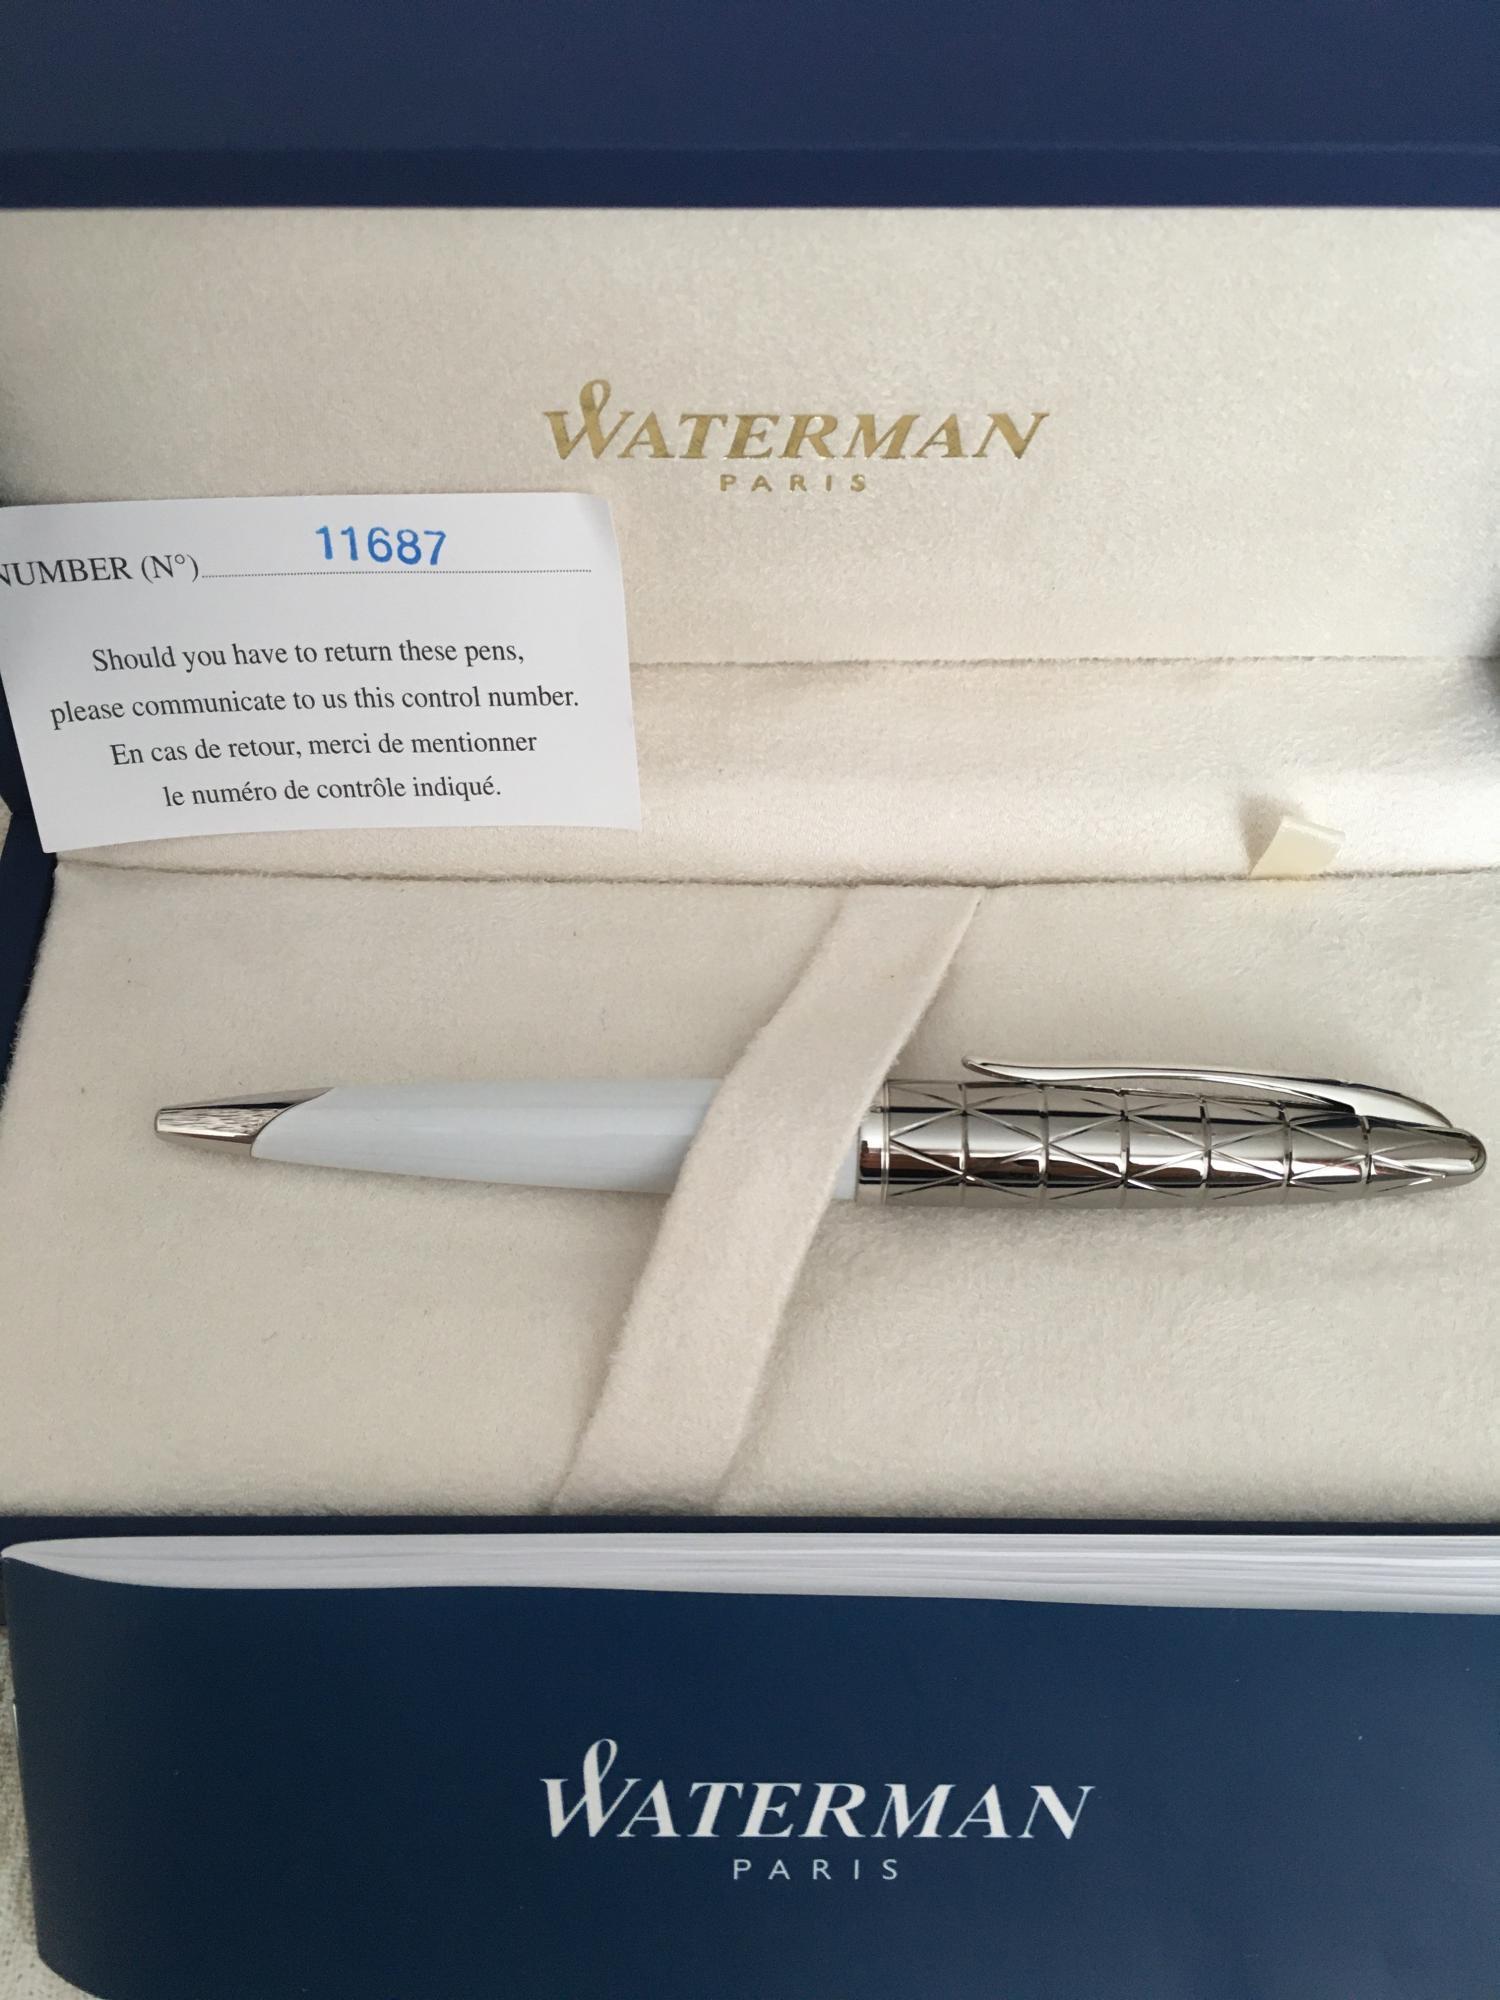 Ручка Waterman Paris в Москве купить 1